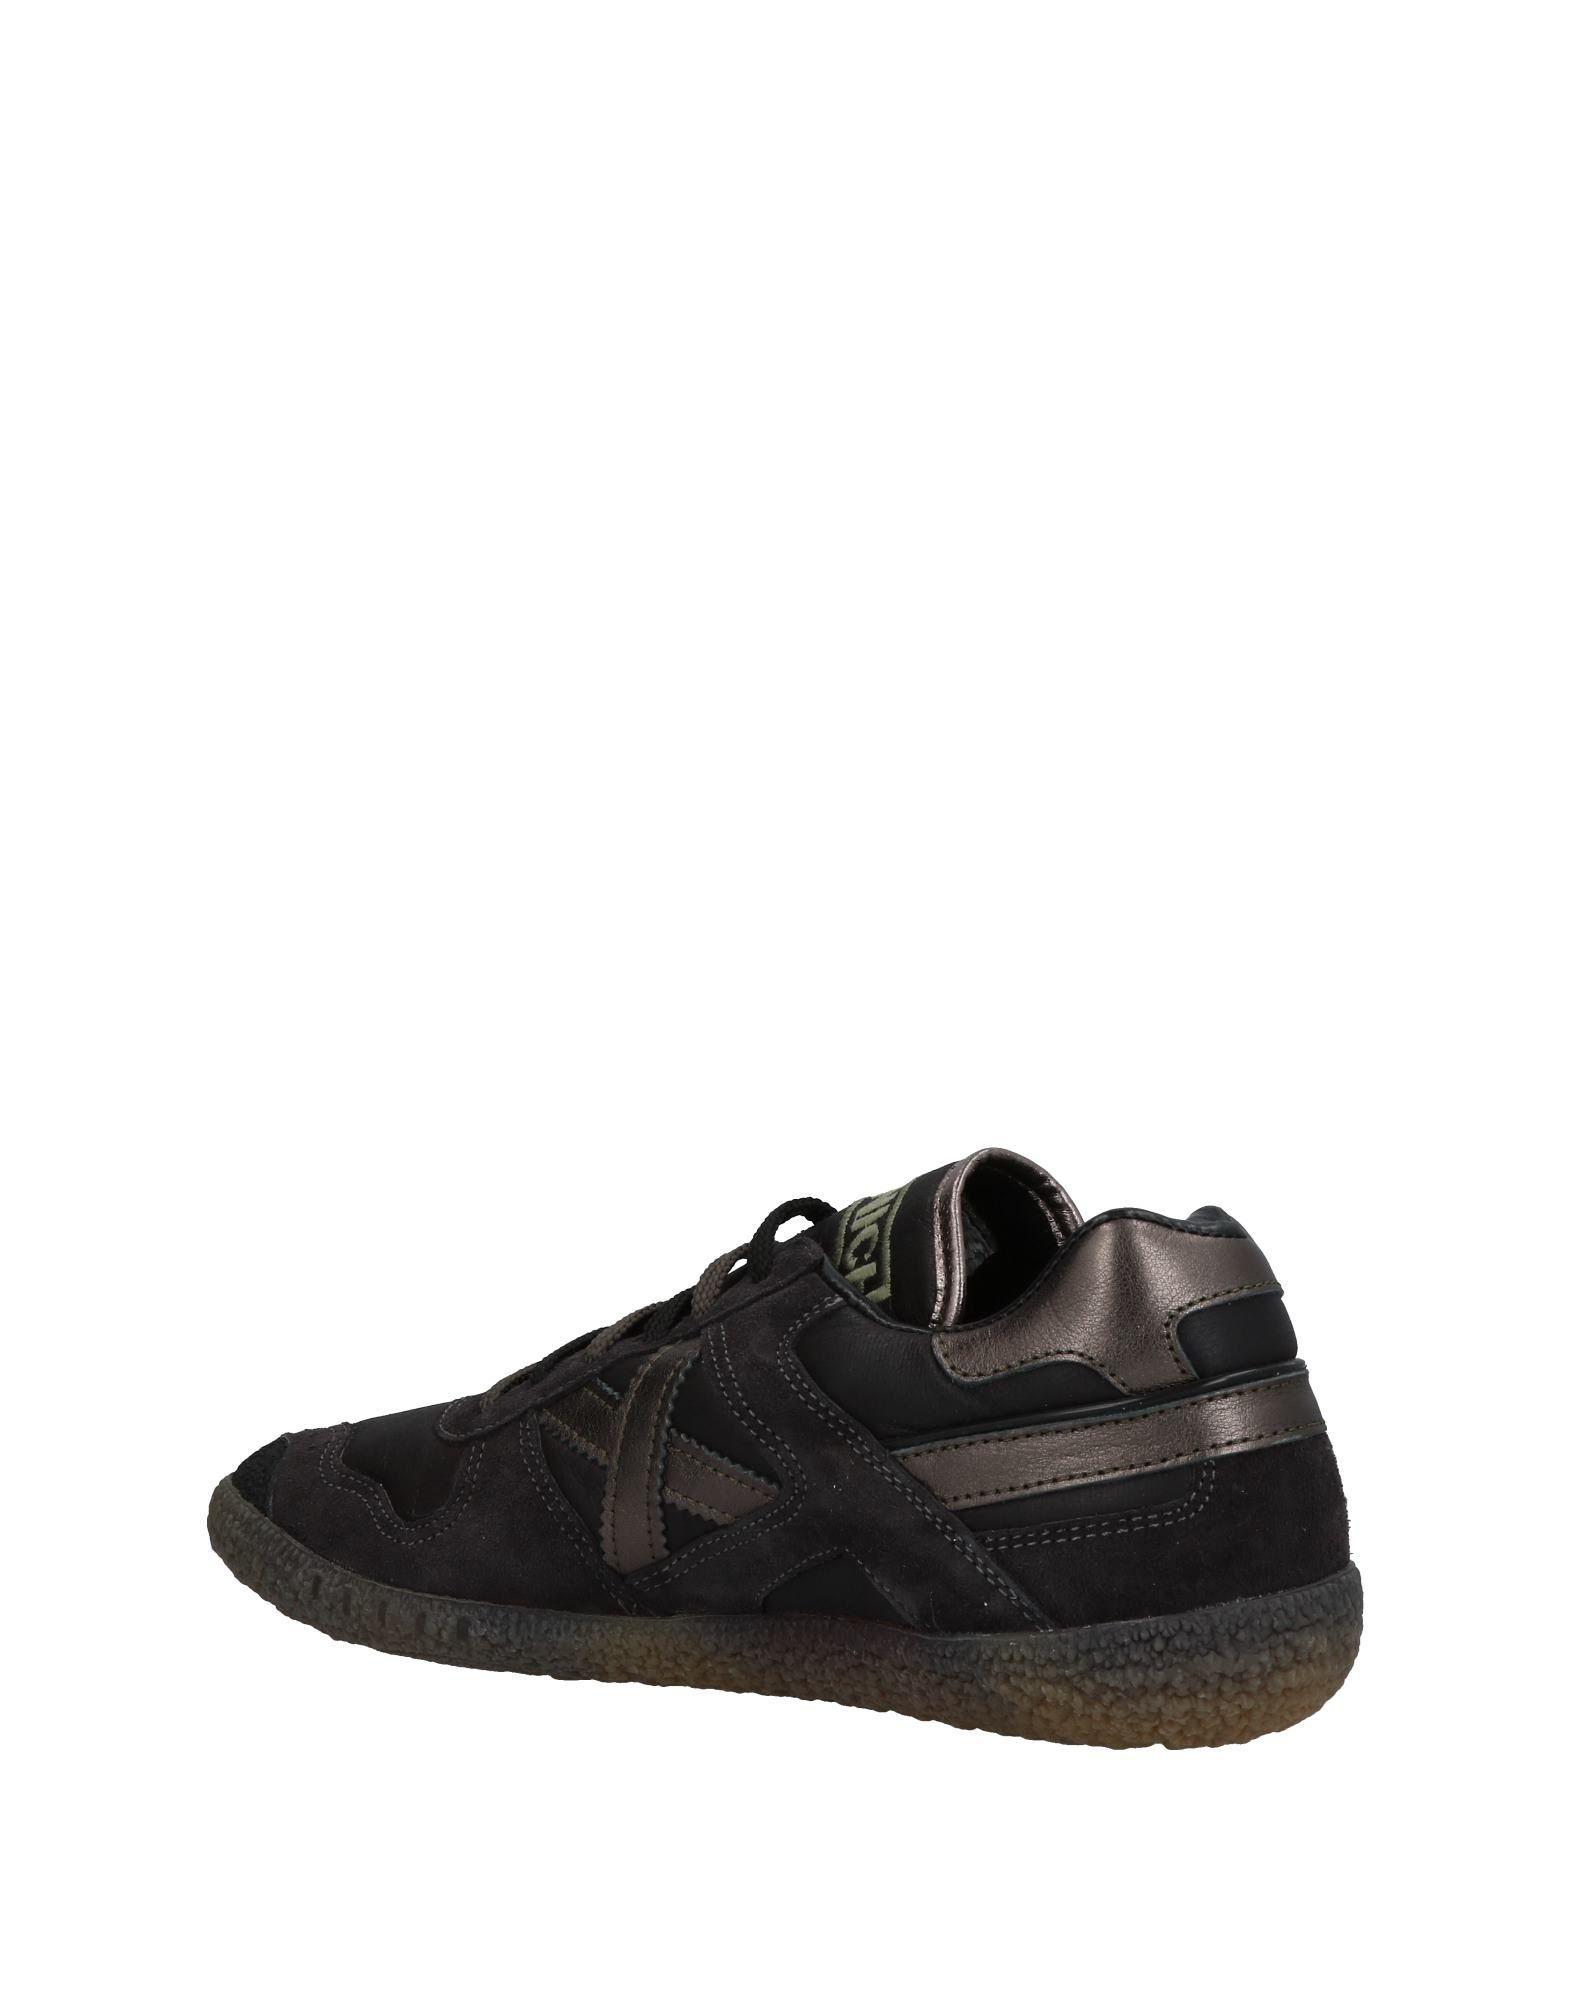 Munich Sneakers Herren  11446656LS 11446656LS  ede8dc